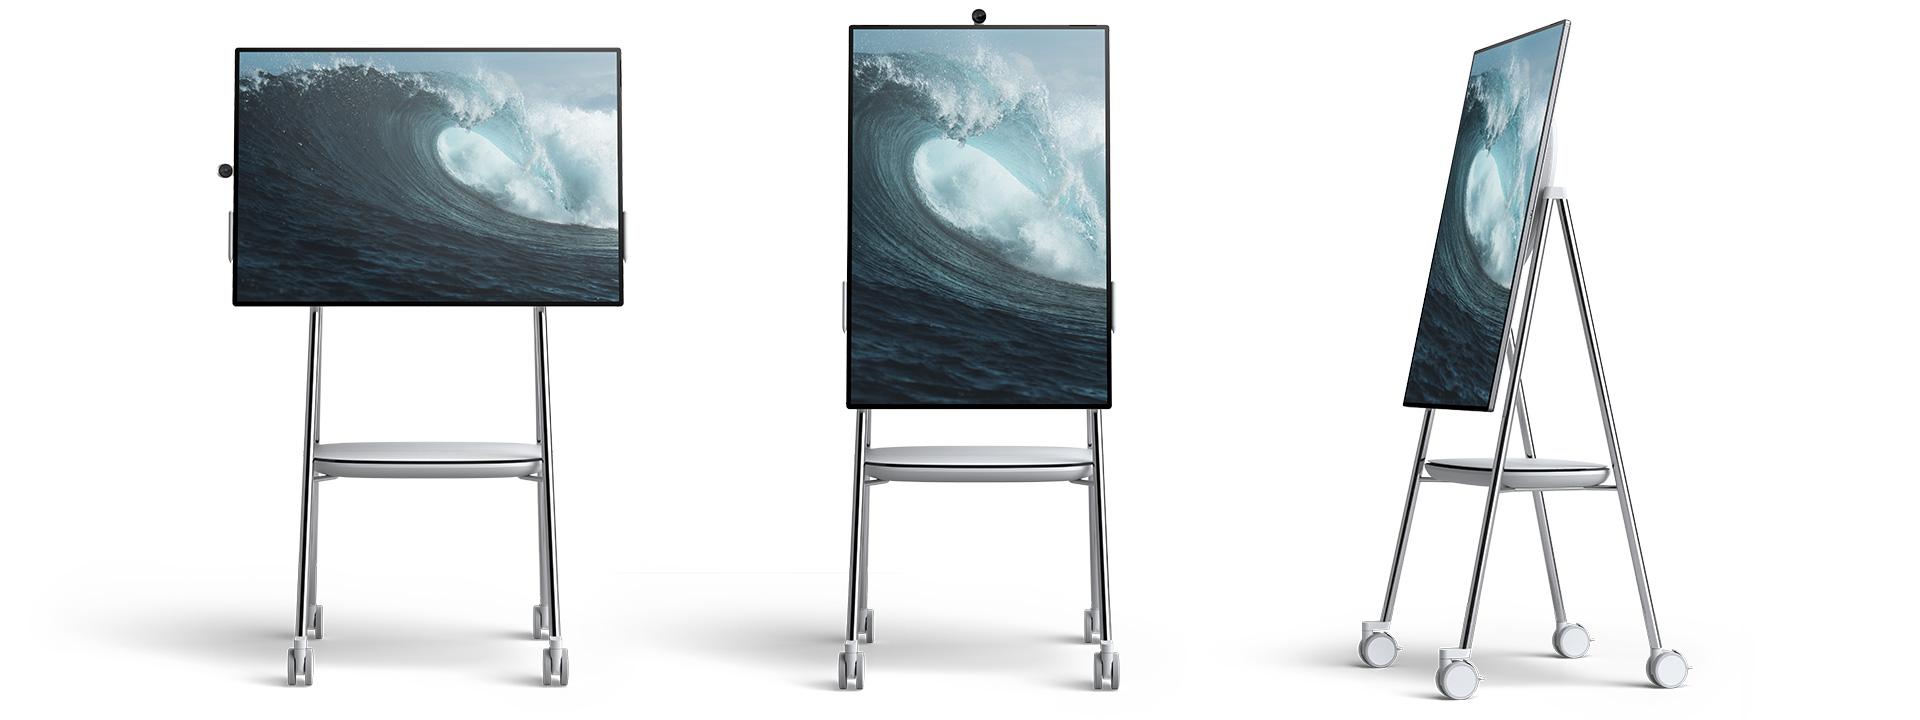 Trois SurfaceHub2 sur des supports mobiles conçus par Steelcase